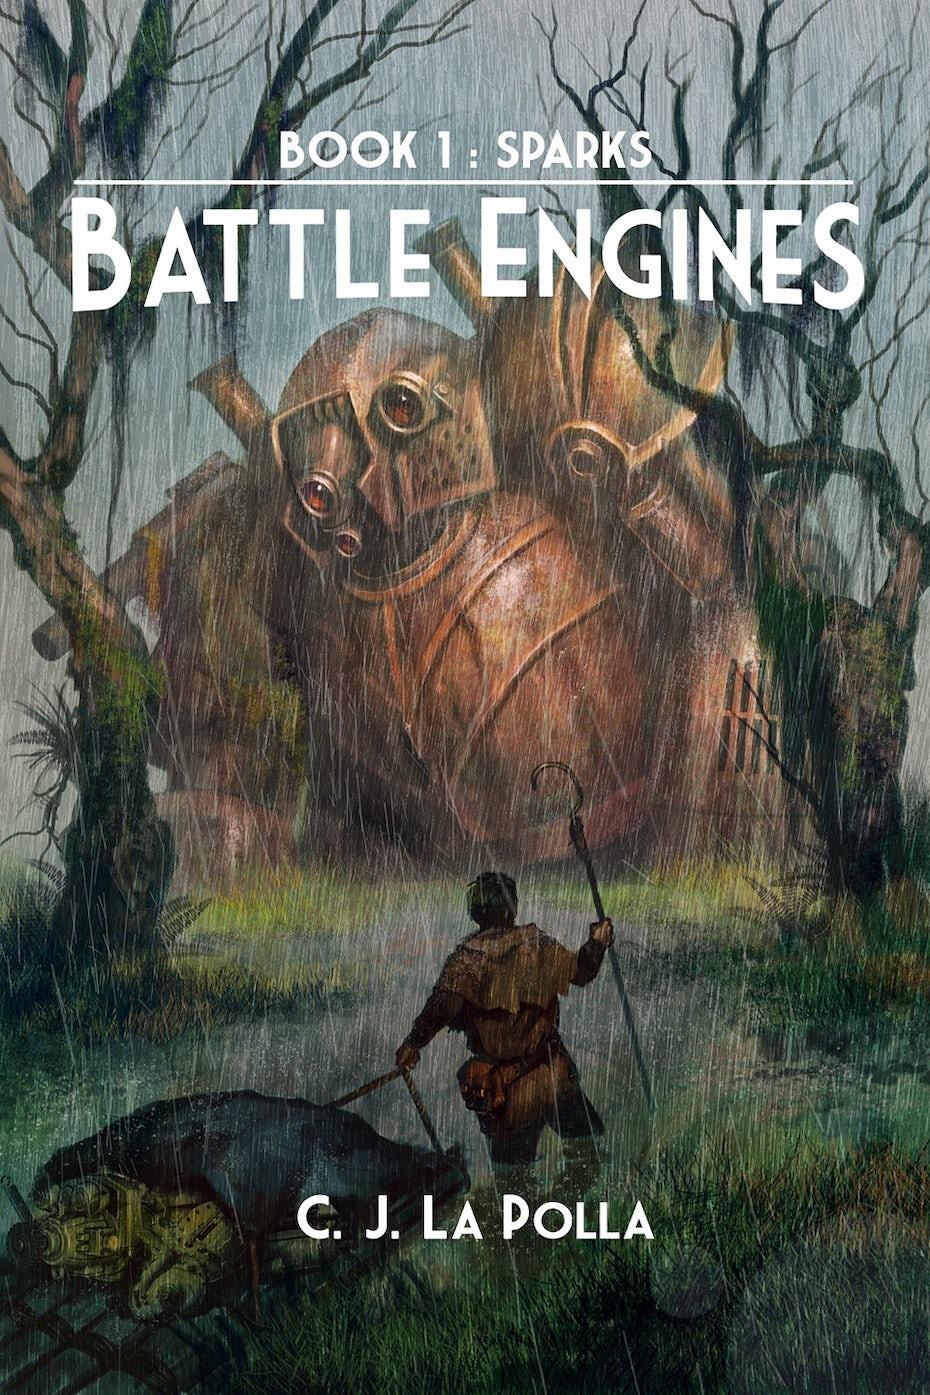 Illustrated scifi book cover design